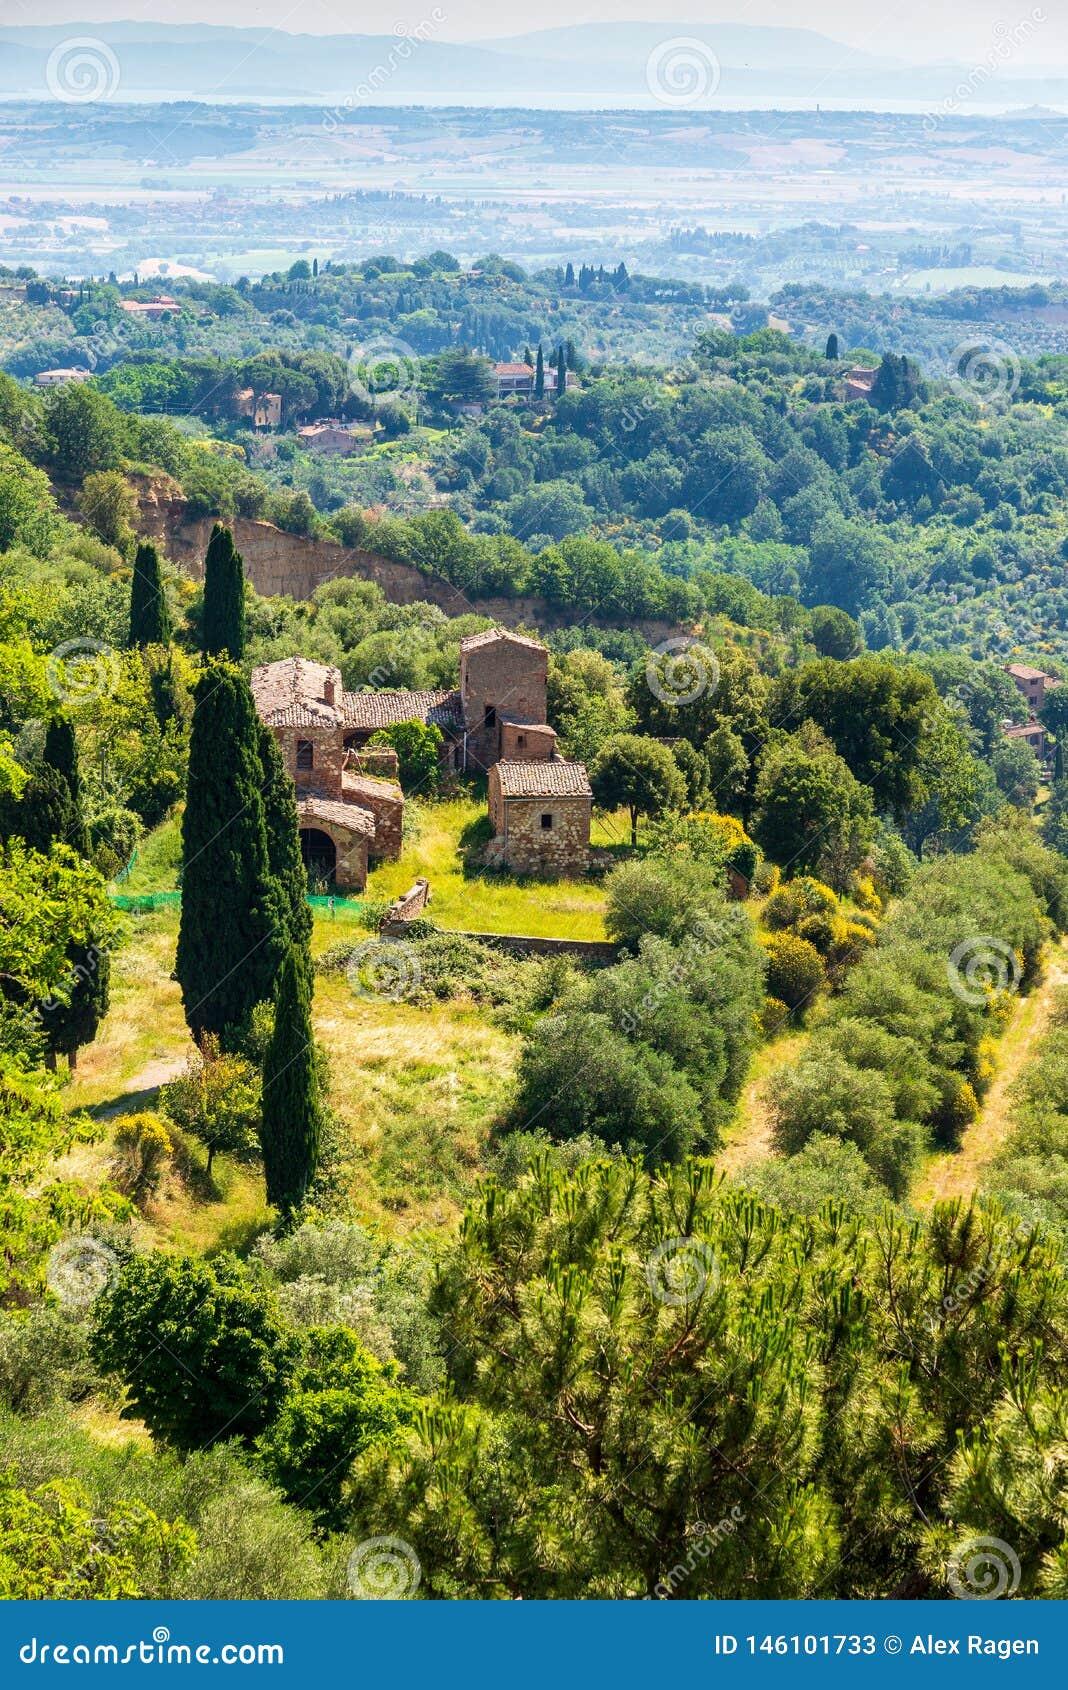 Una vista della campagna che circonda la città medievale di Montepulciano in Toscana, Italia